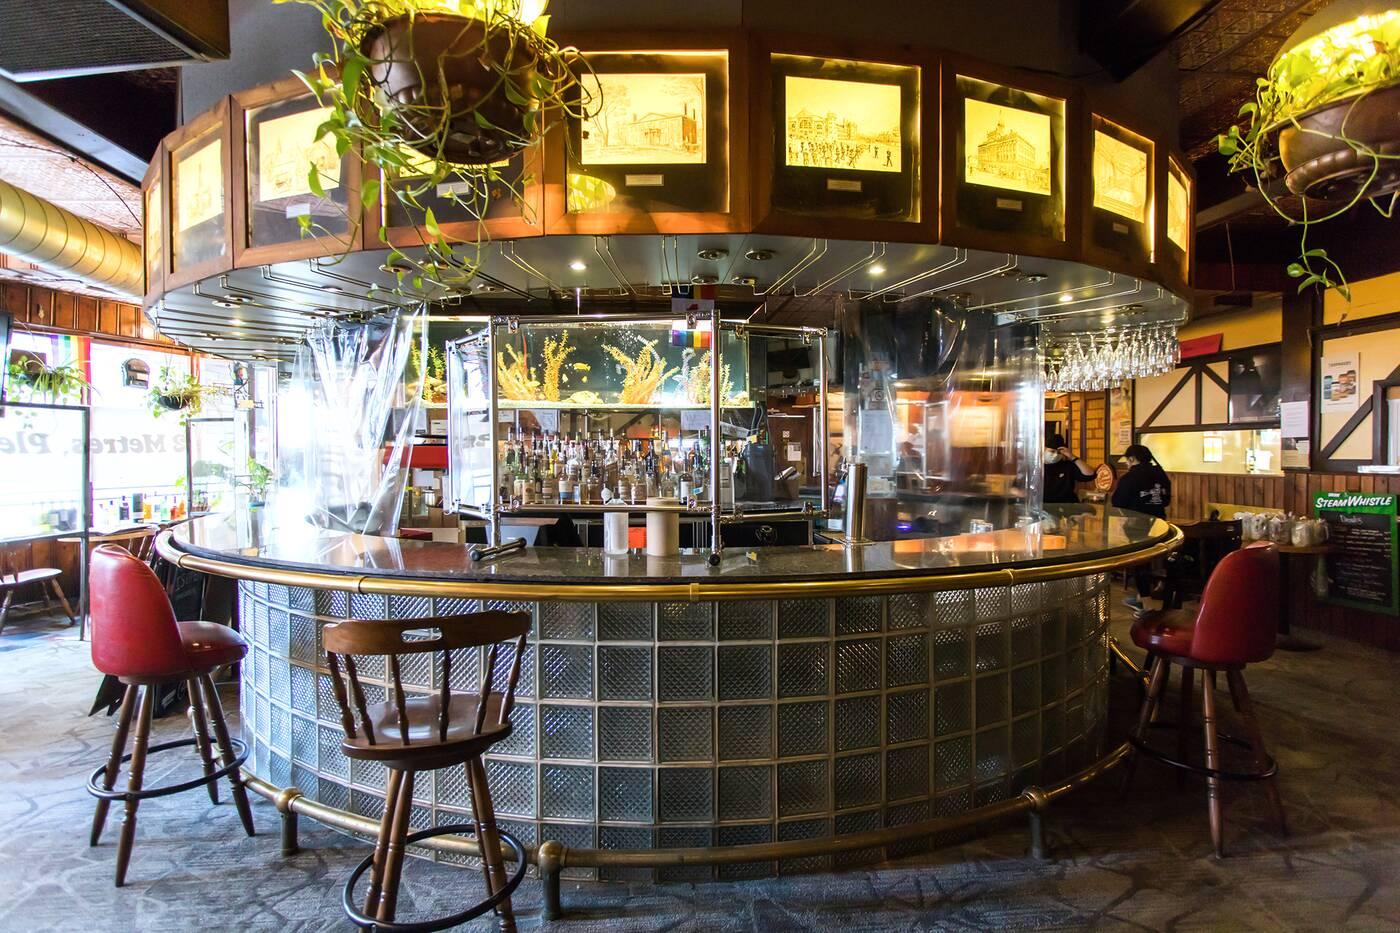 imperial pub toronto